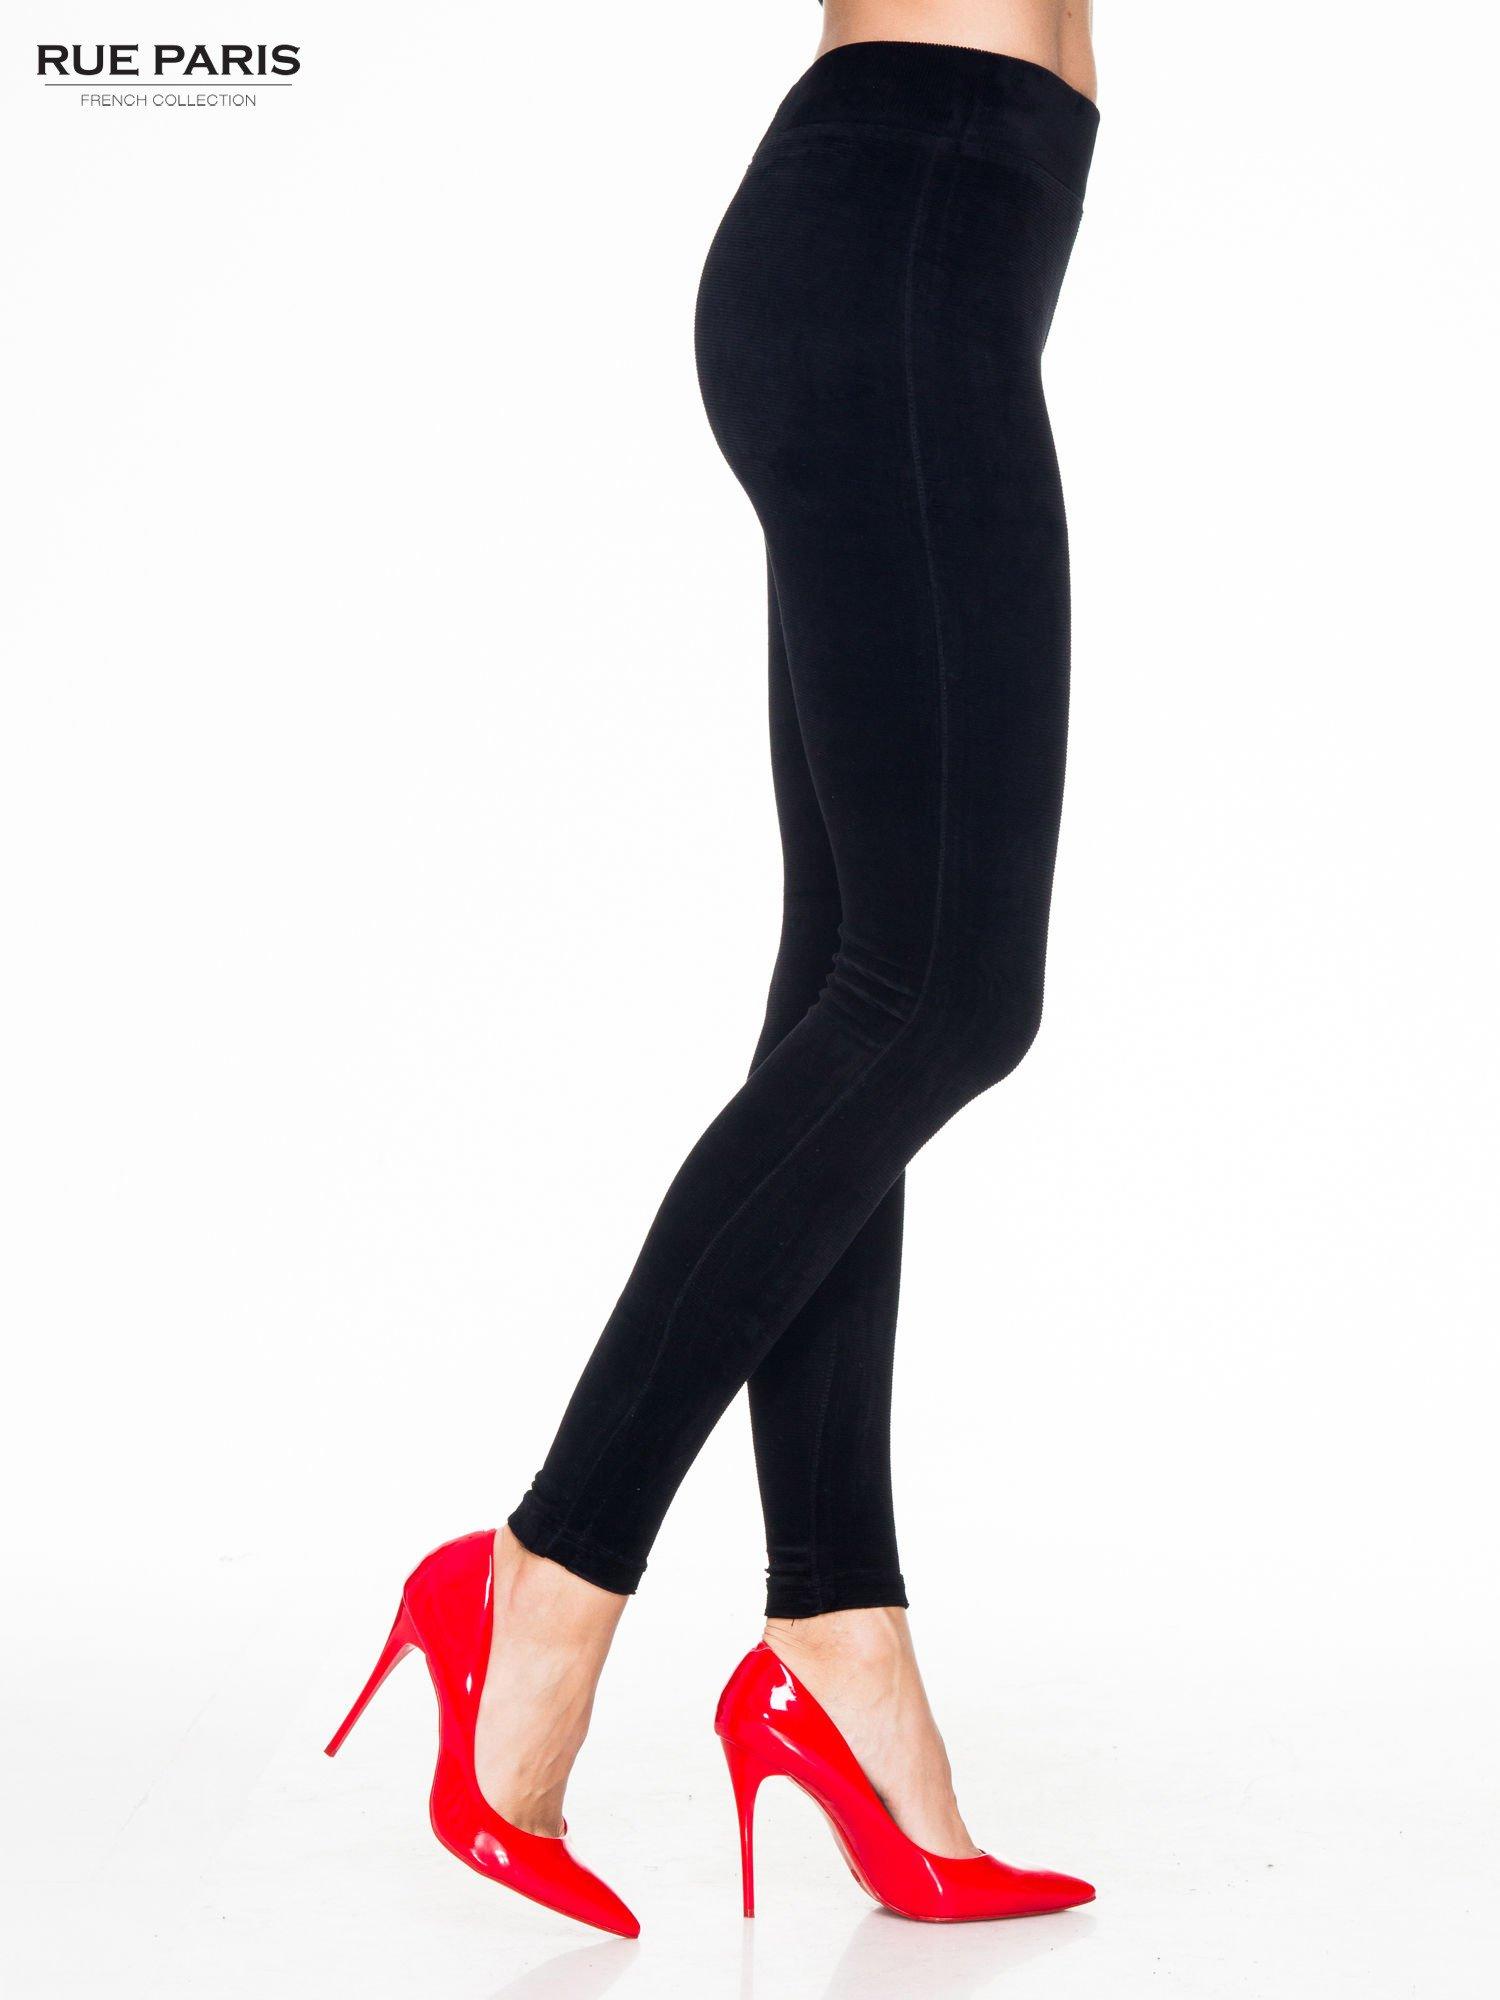 Czarne prążkowane legginsy damskie                                  zdj.                                  3